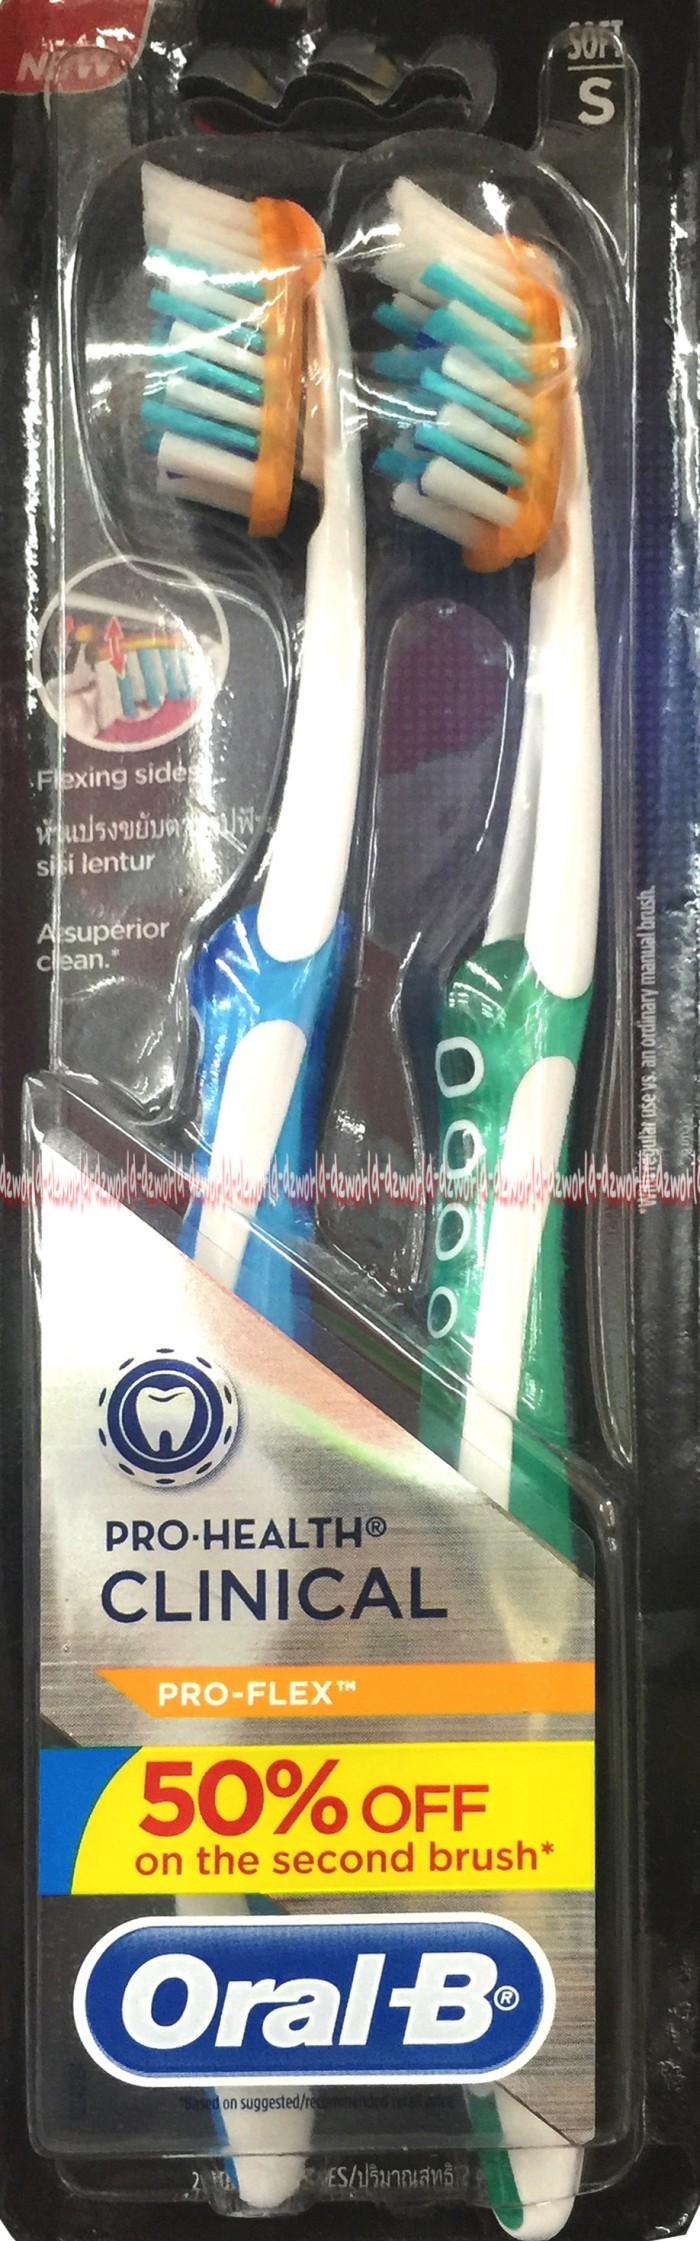 Jual Sikat gigi Oral B Pro Health Clinical Pro-Flex Oral-B Ujung ... eee8f6208f